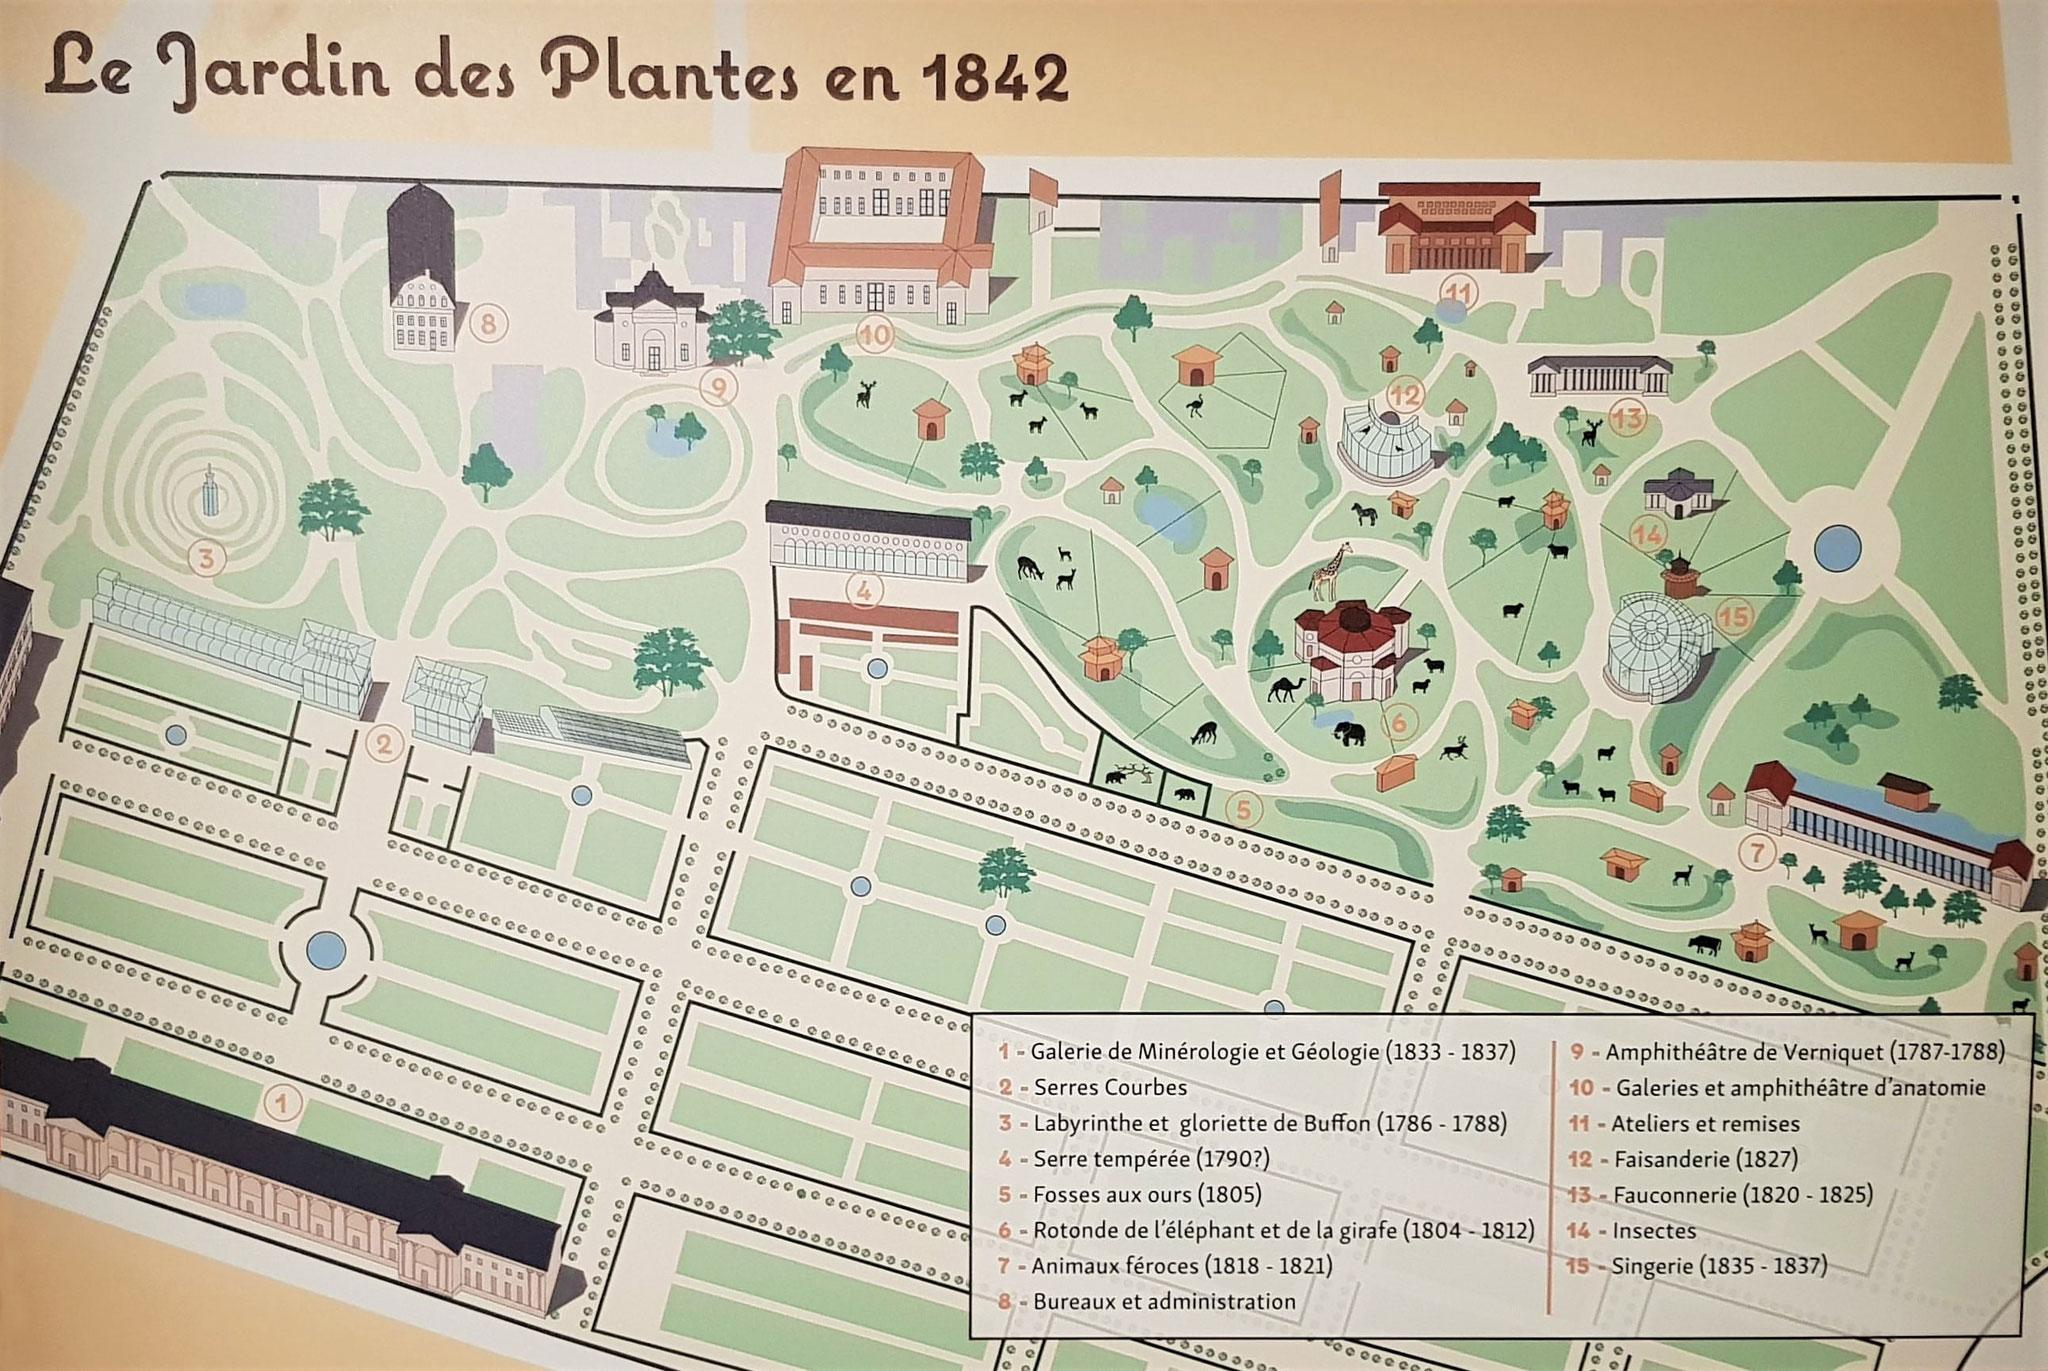 Plan du Jardin des Plantes en 1842.